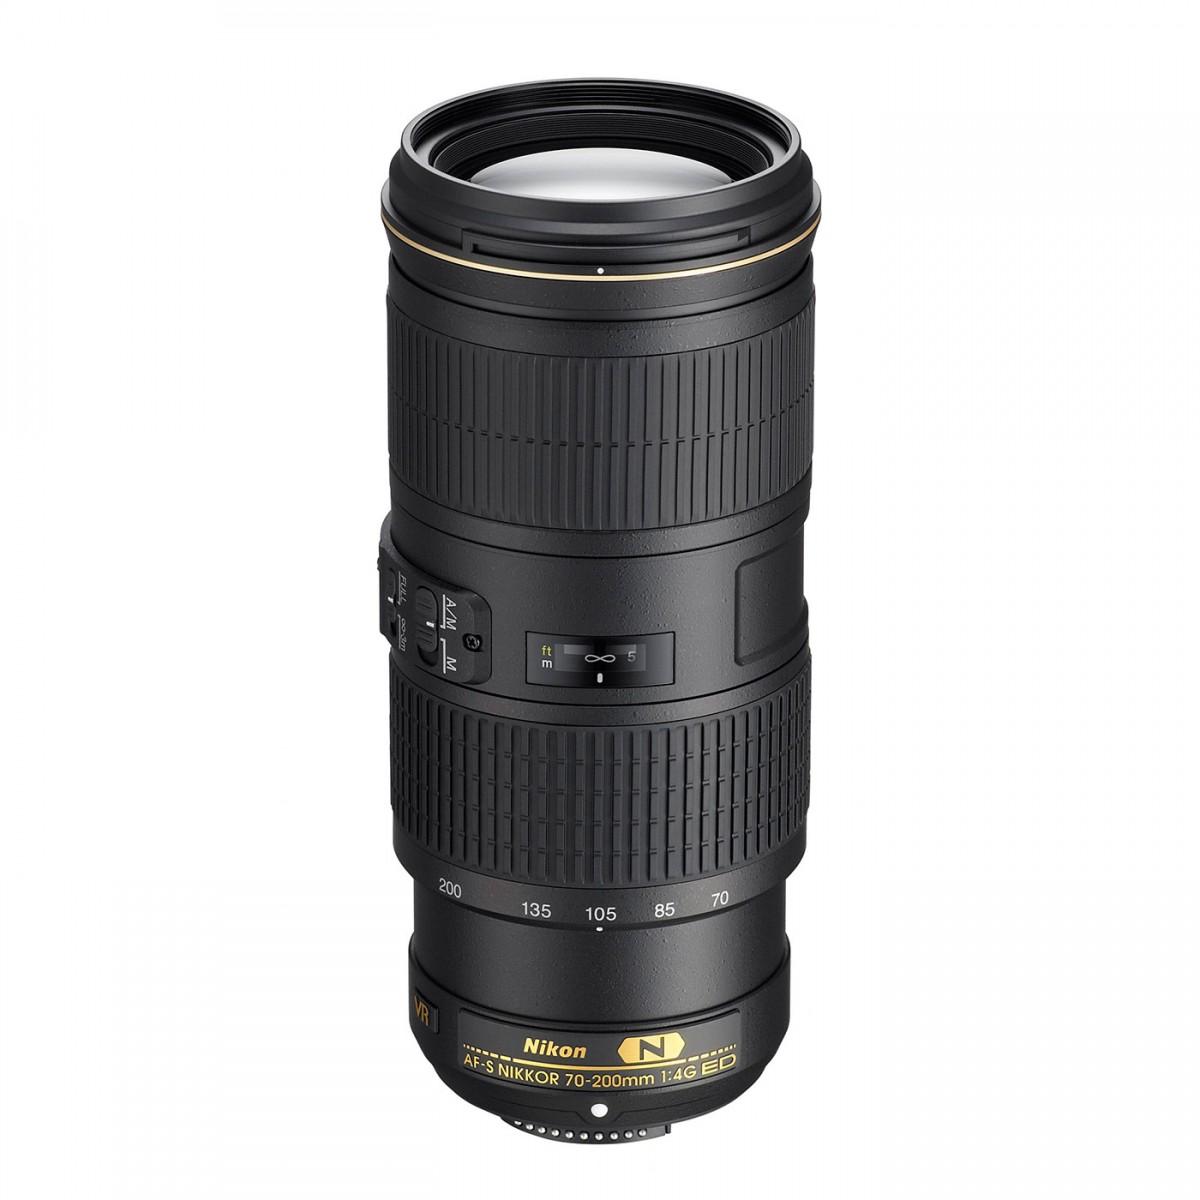 Nikon AF-S 70-200 mm F4 G ED VR test